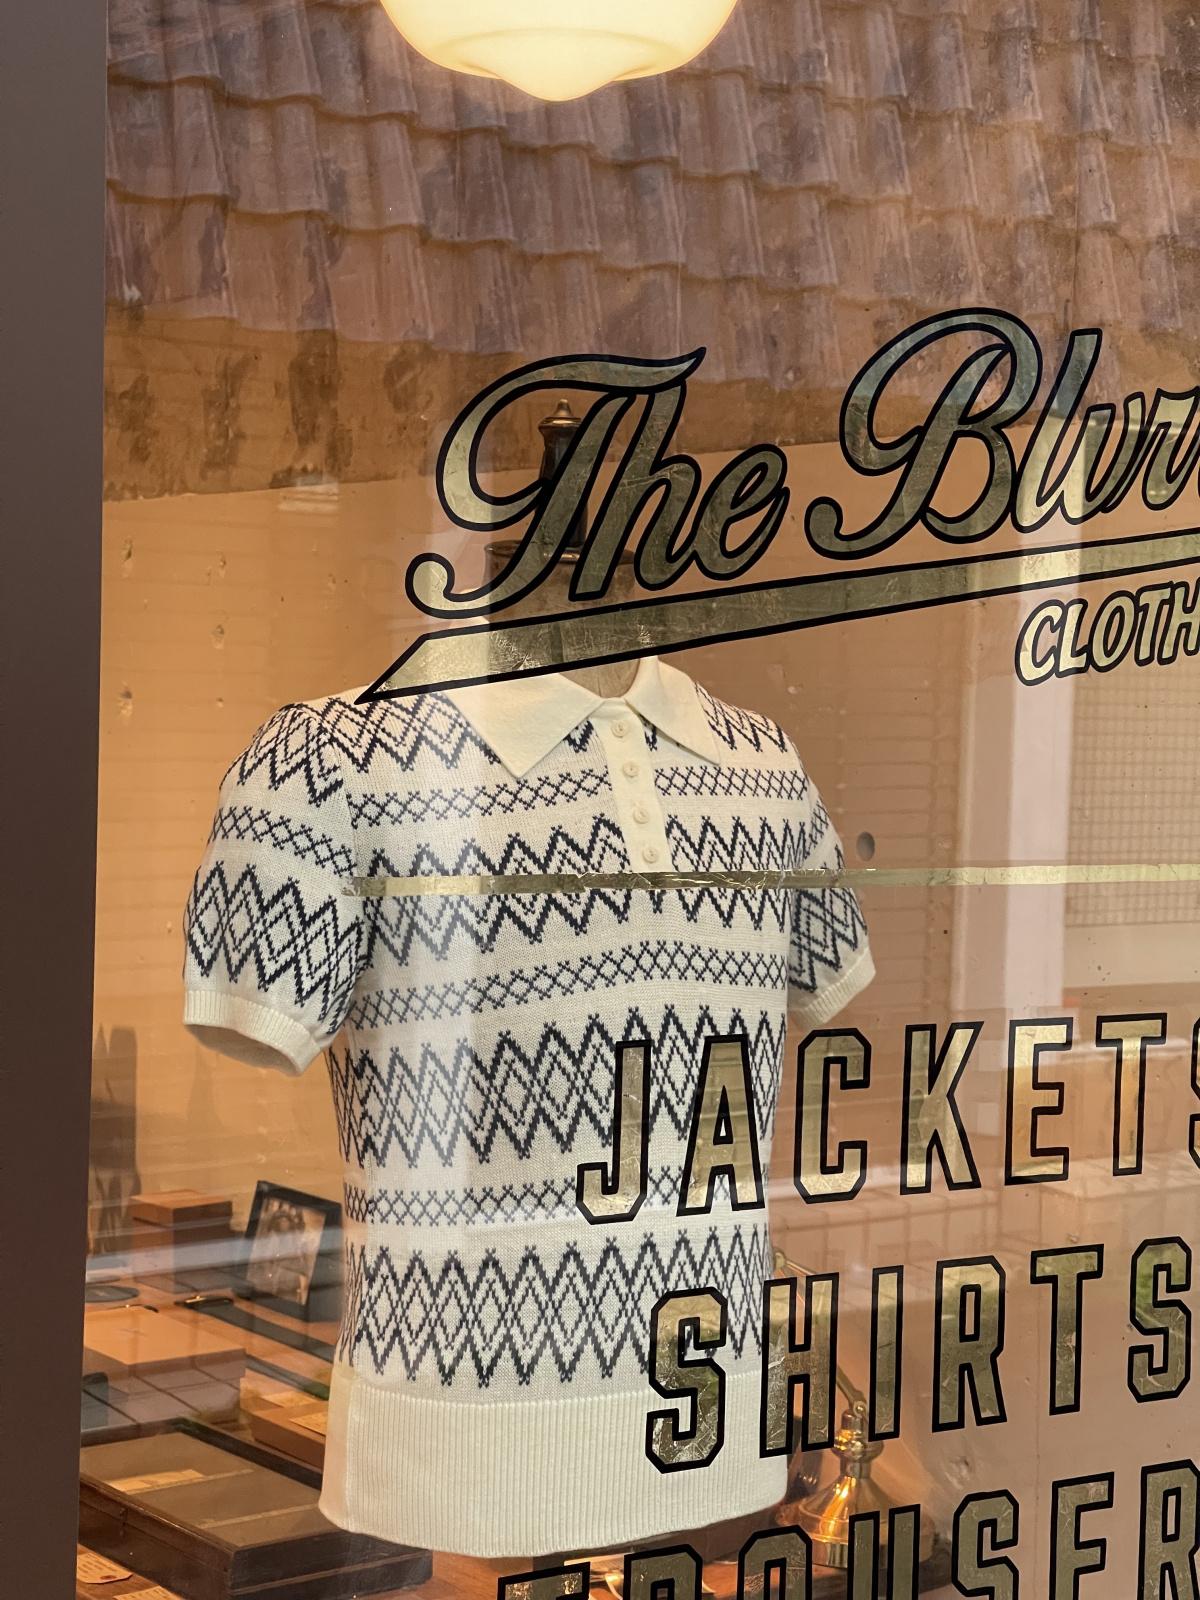 原宿の路地裏で古きよきアメリカの匂いがする、こだわりの洋服店を見つけました。